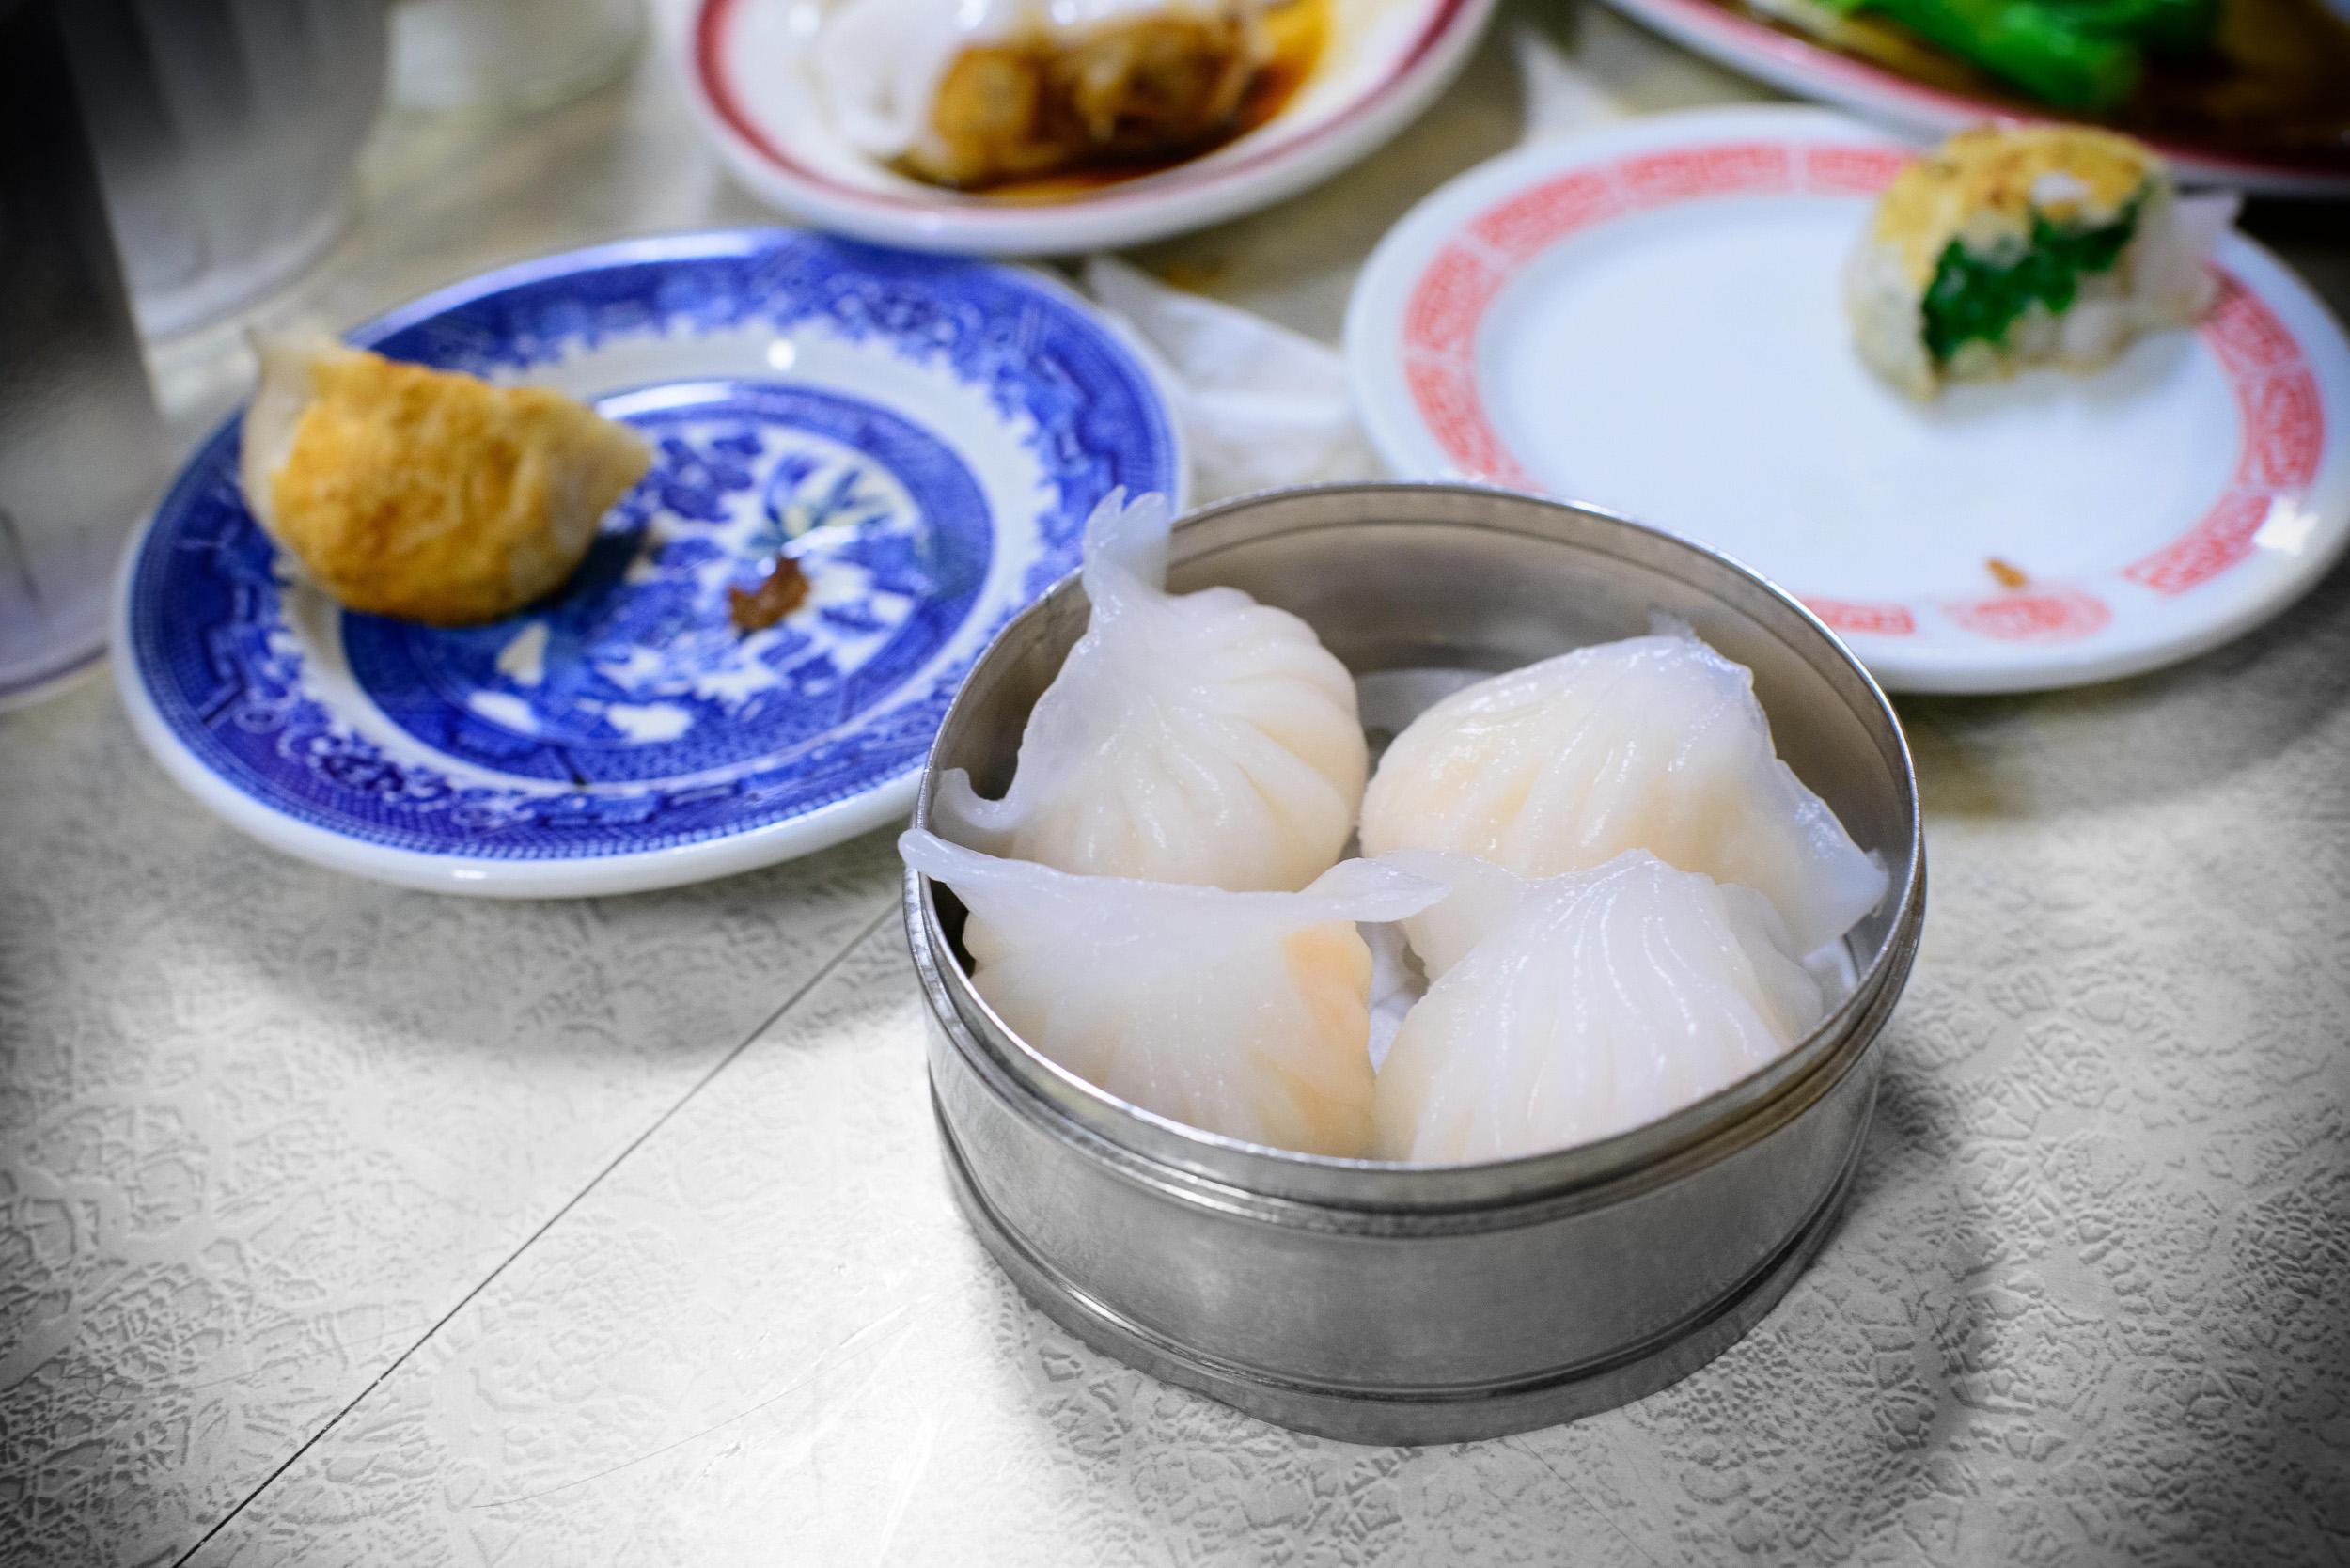 Shrimp dumplings ($3.75)